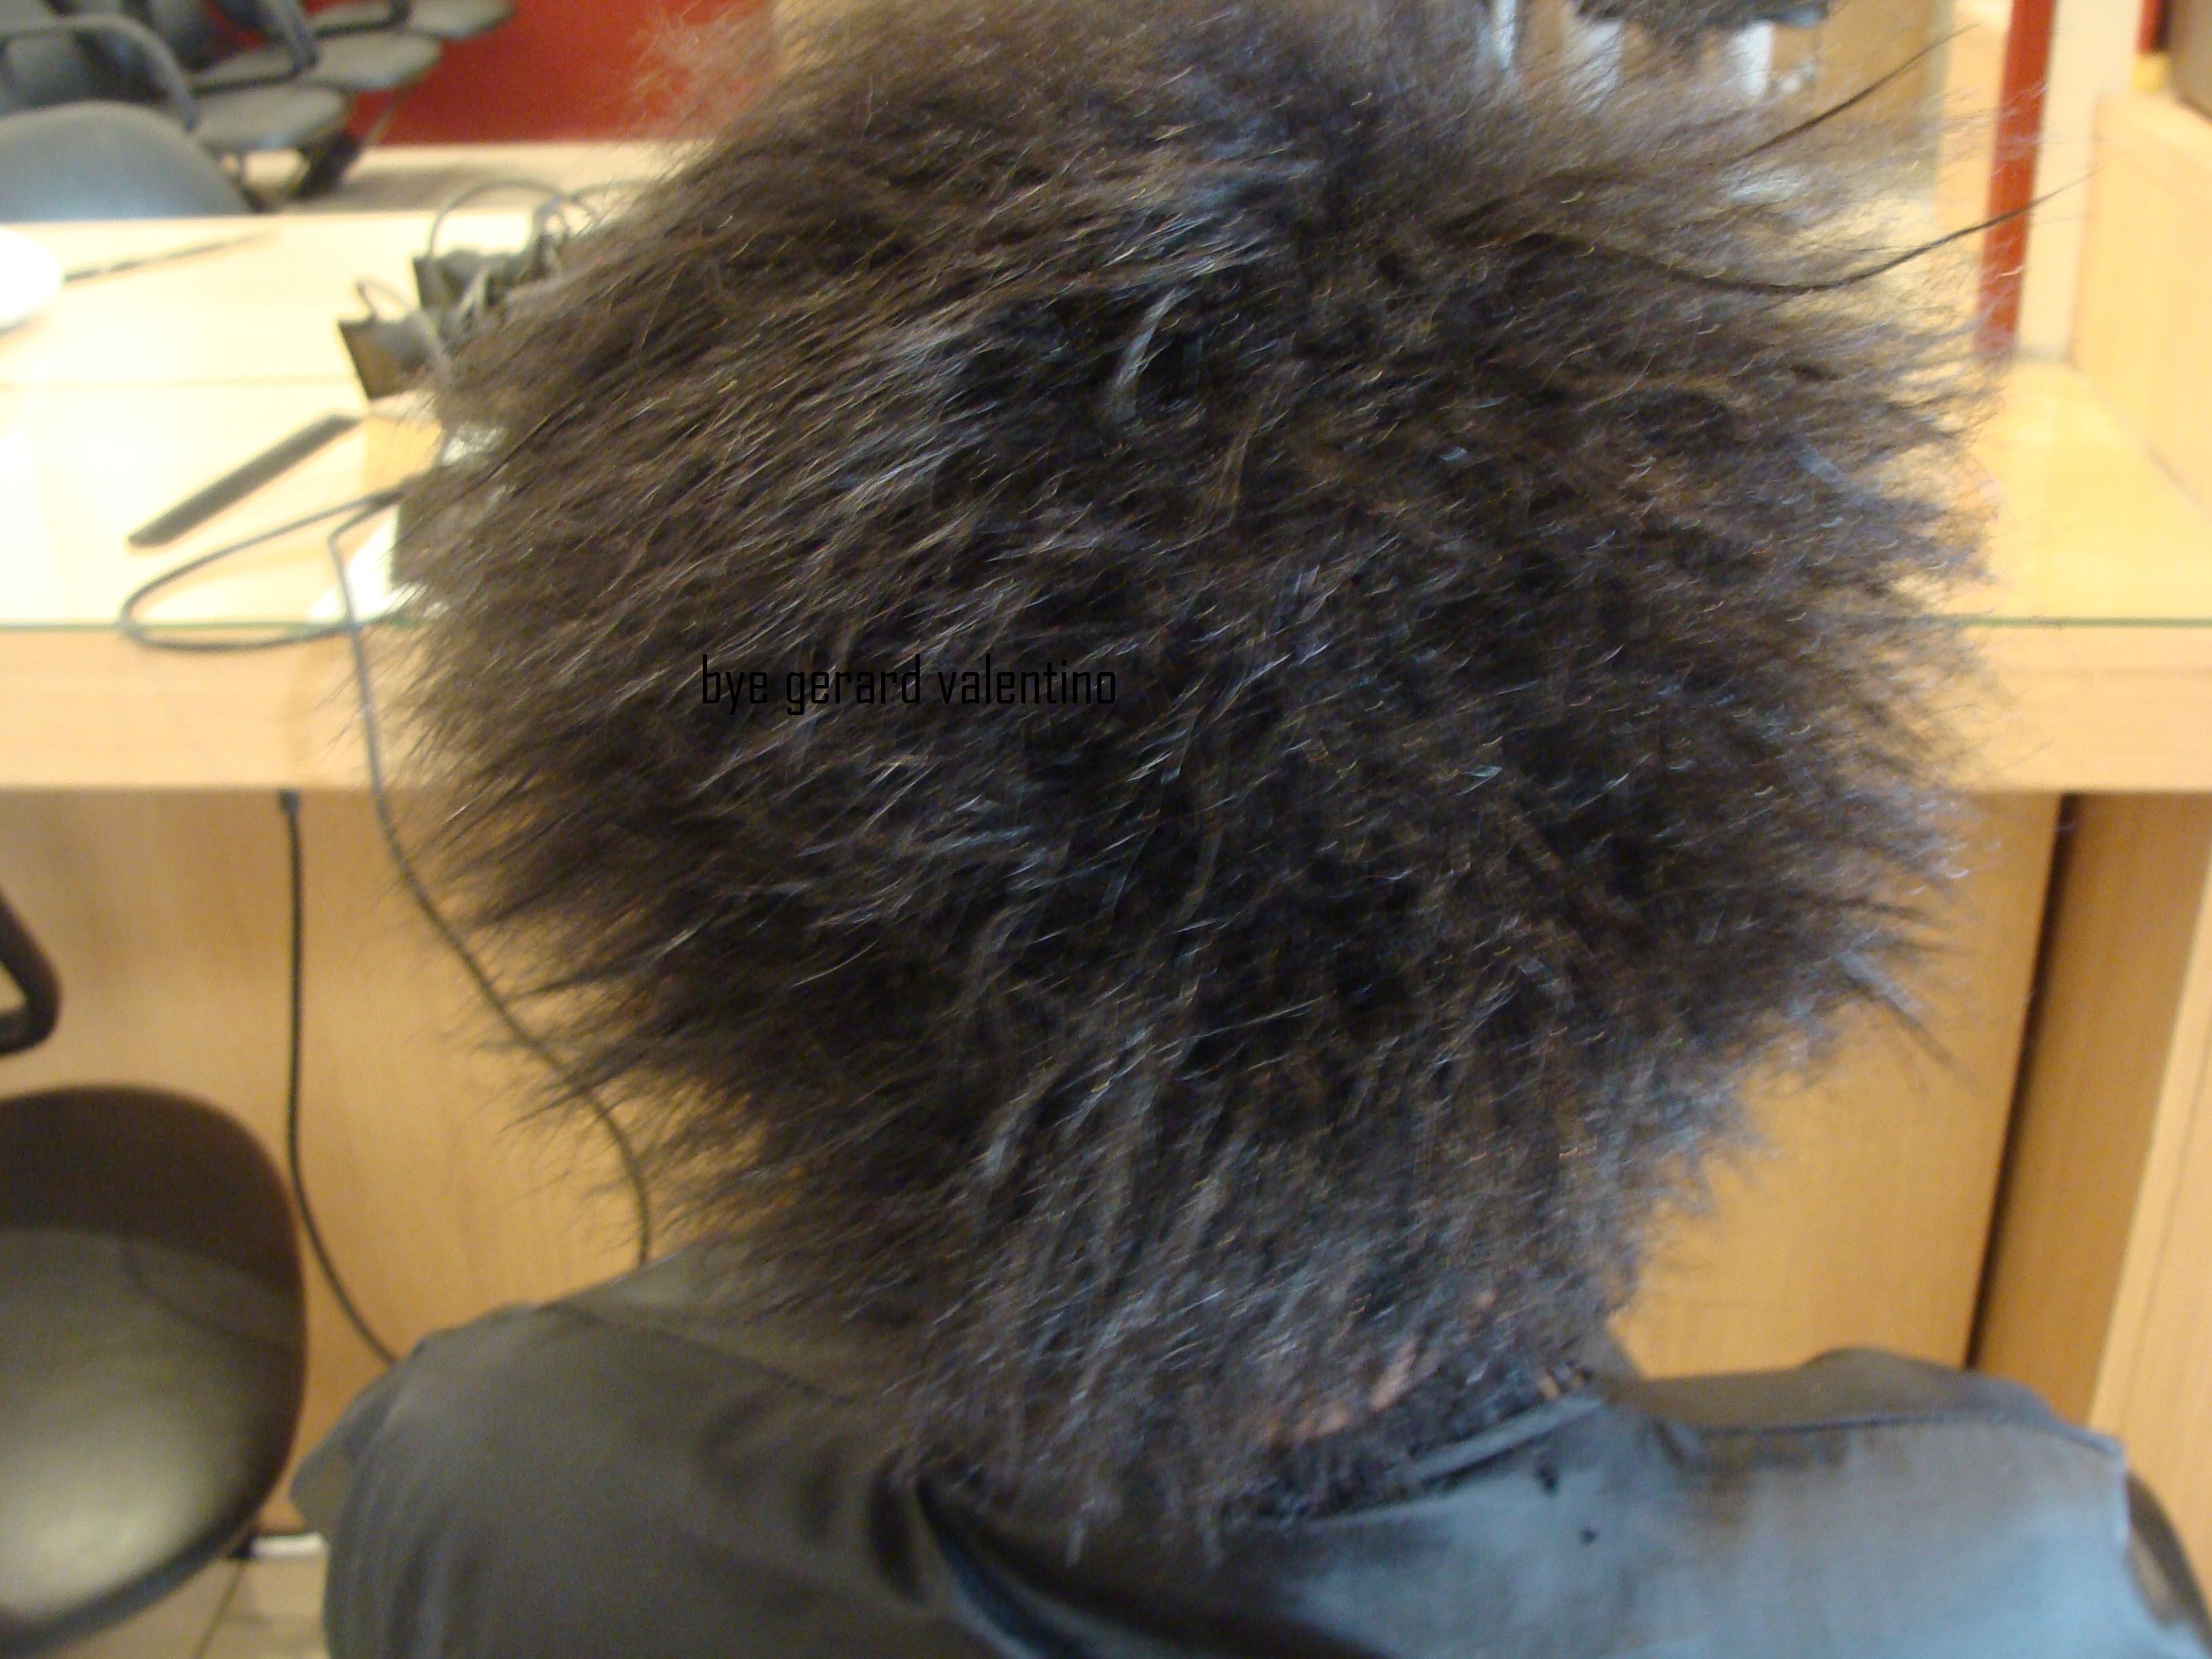 Un lissage cor en timoe sur cheveux afros - Carre plongeant frise naturel ...